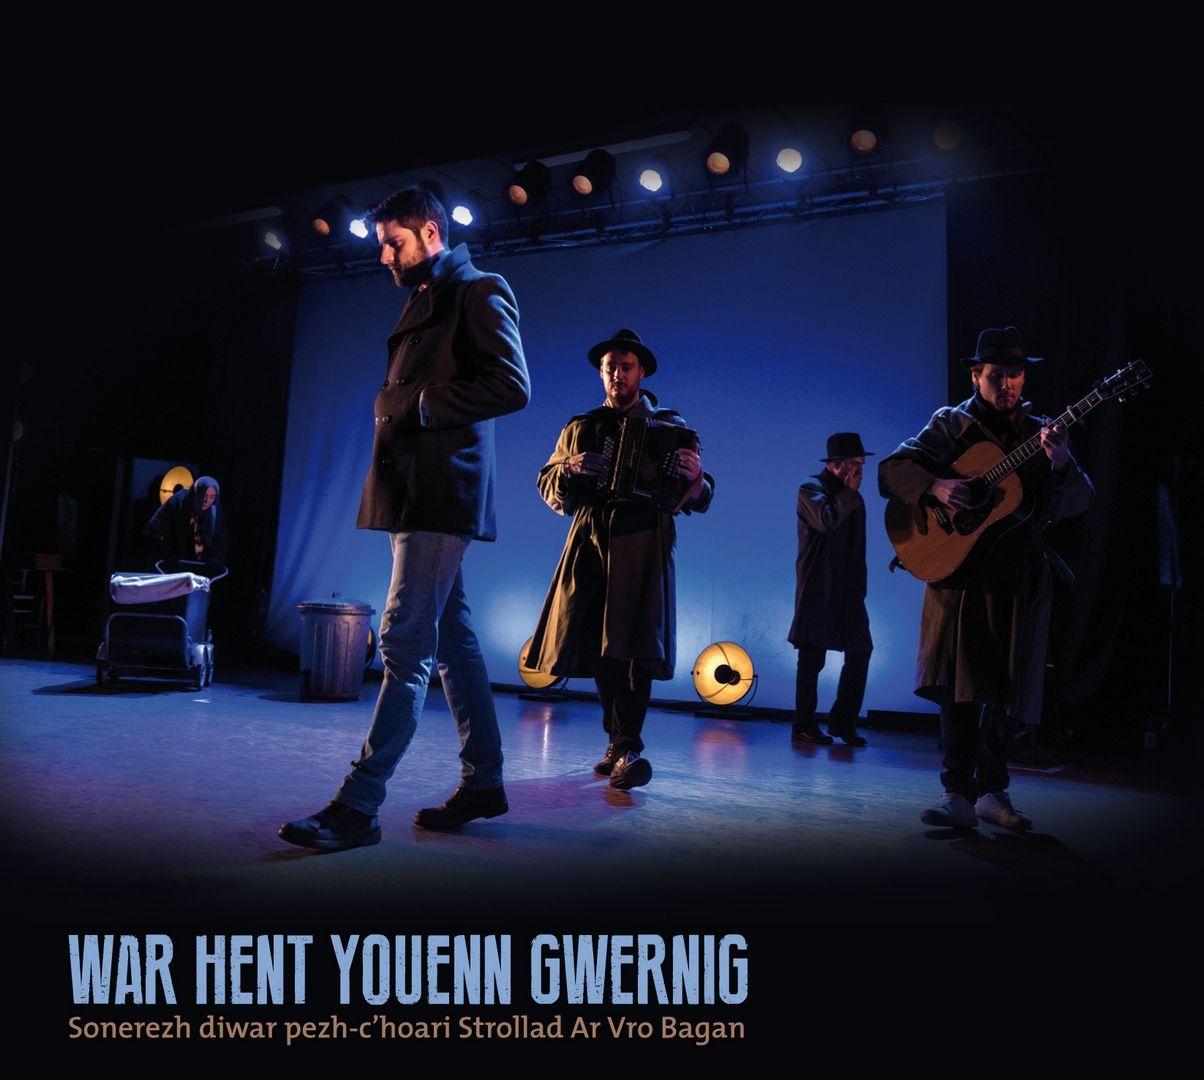 War hent Youenn Gwernig - Musique de la pièce de théâtre d'Ar Vro Bagan